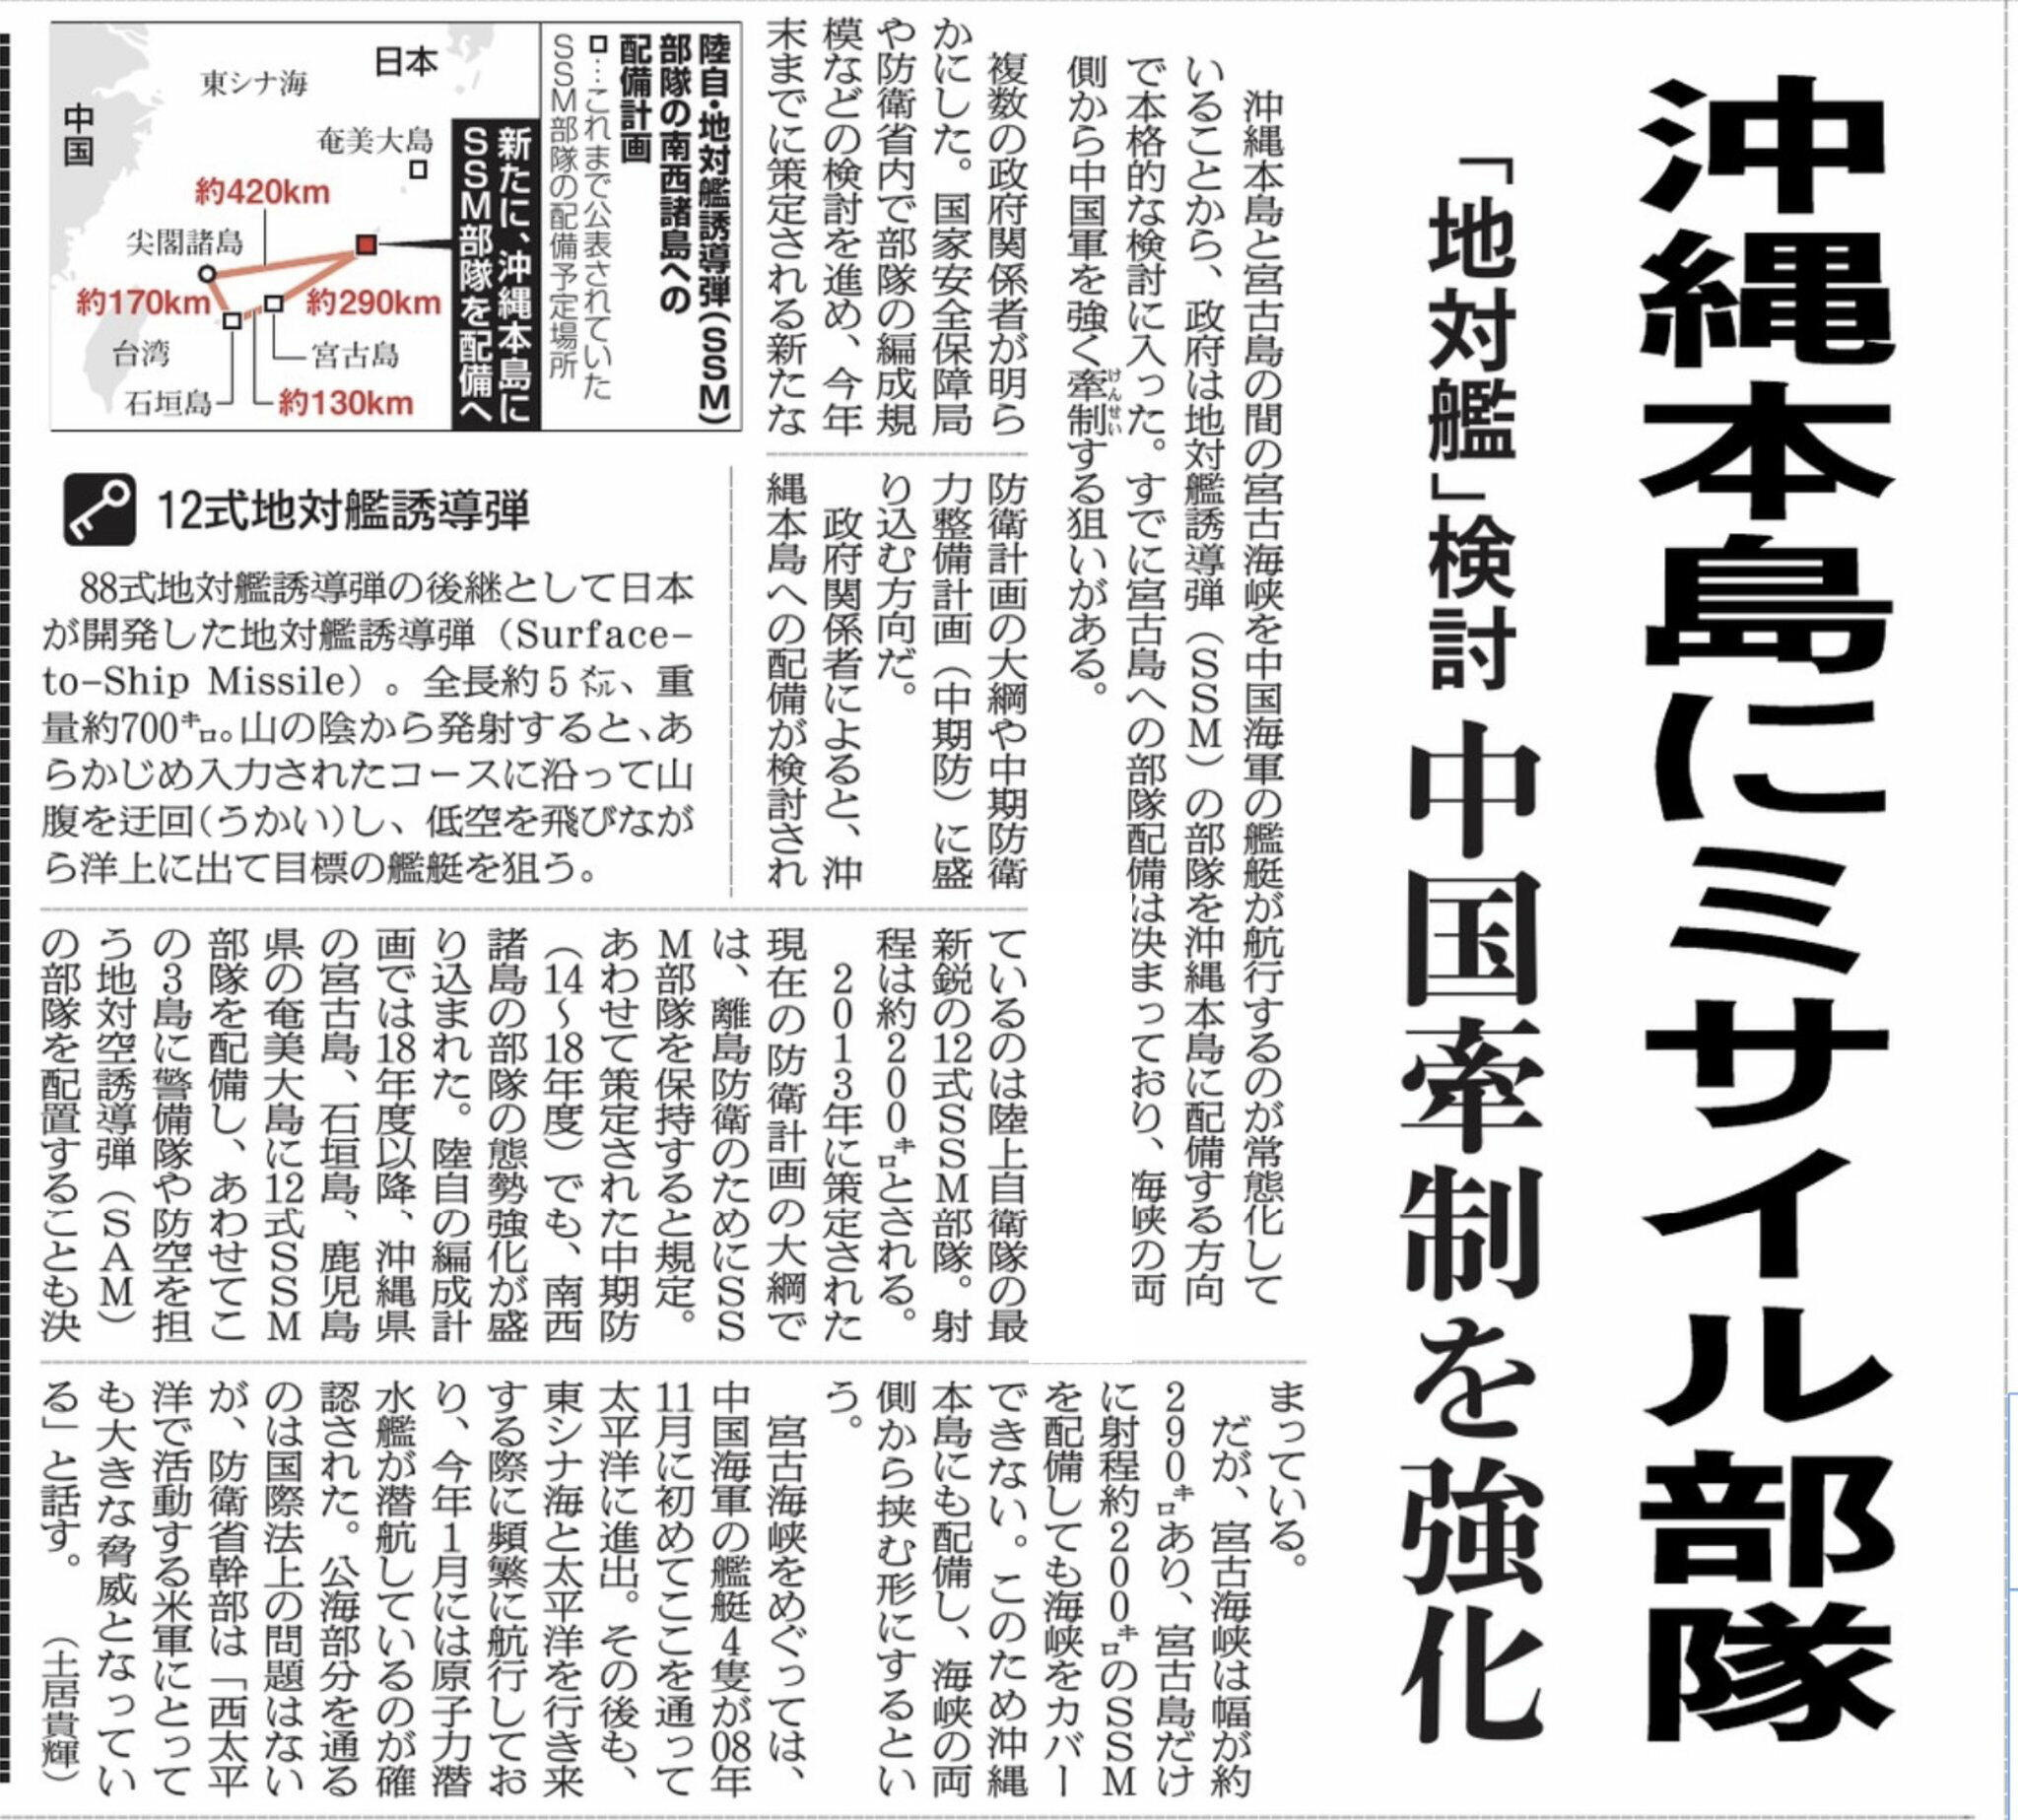 asahi2018 02272